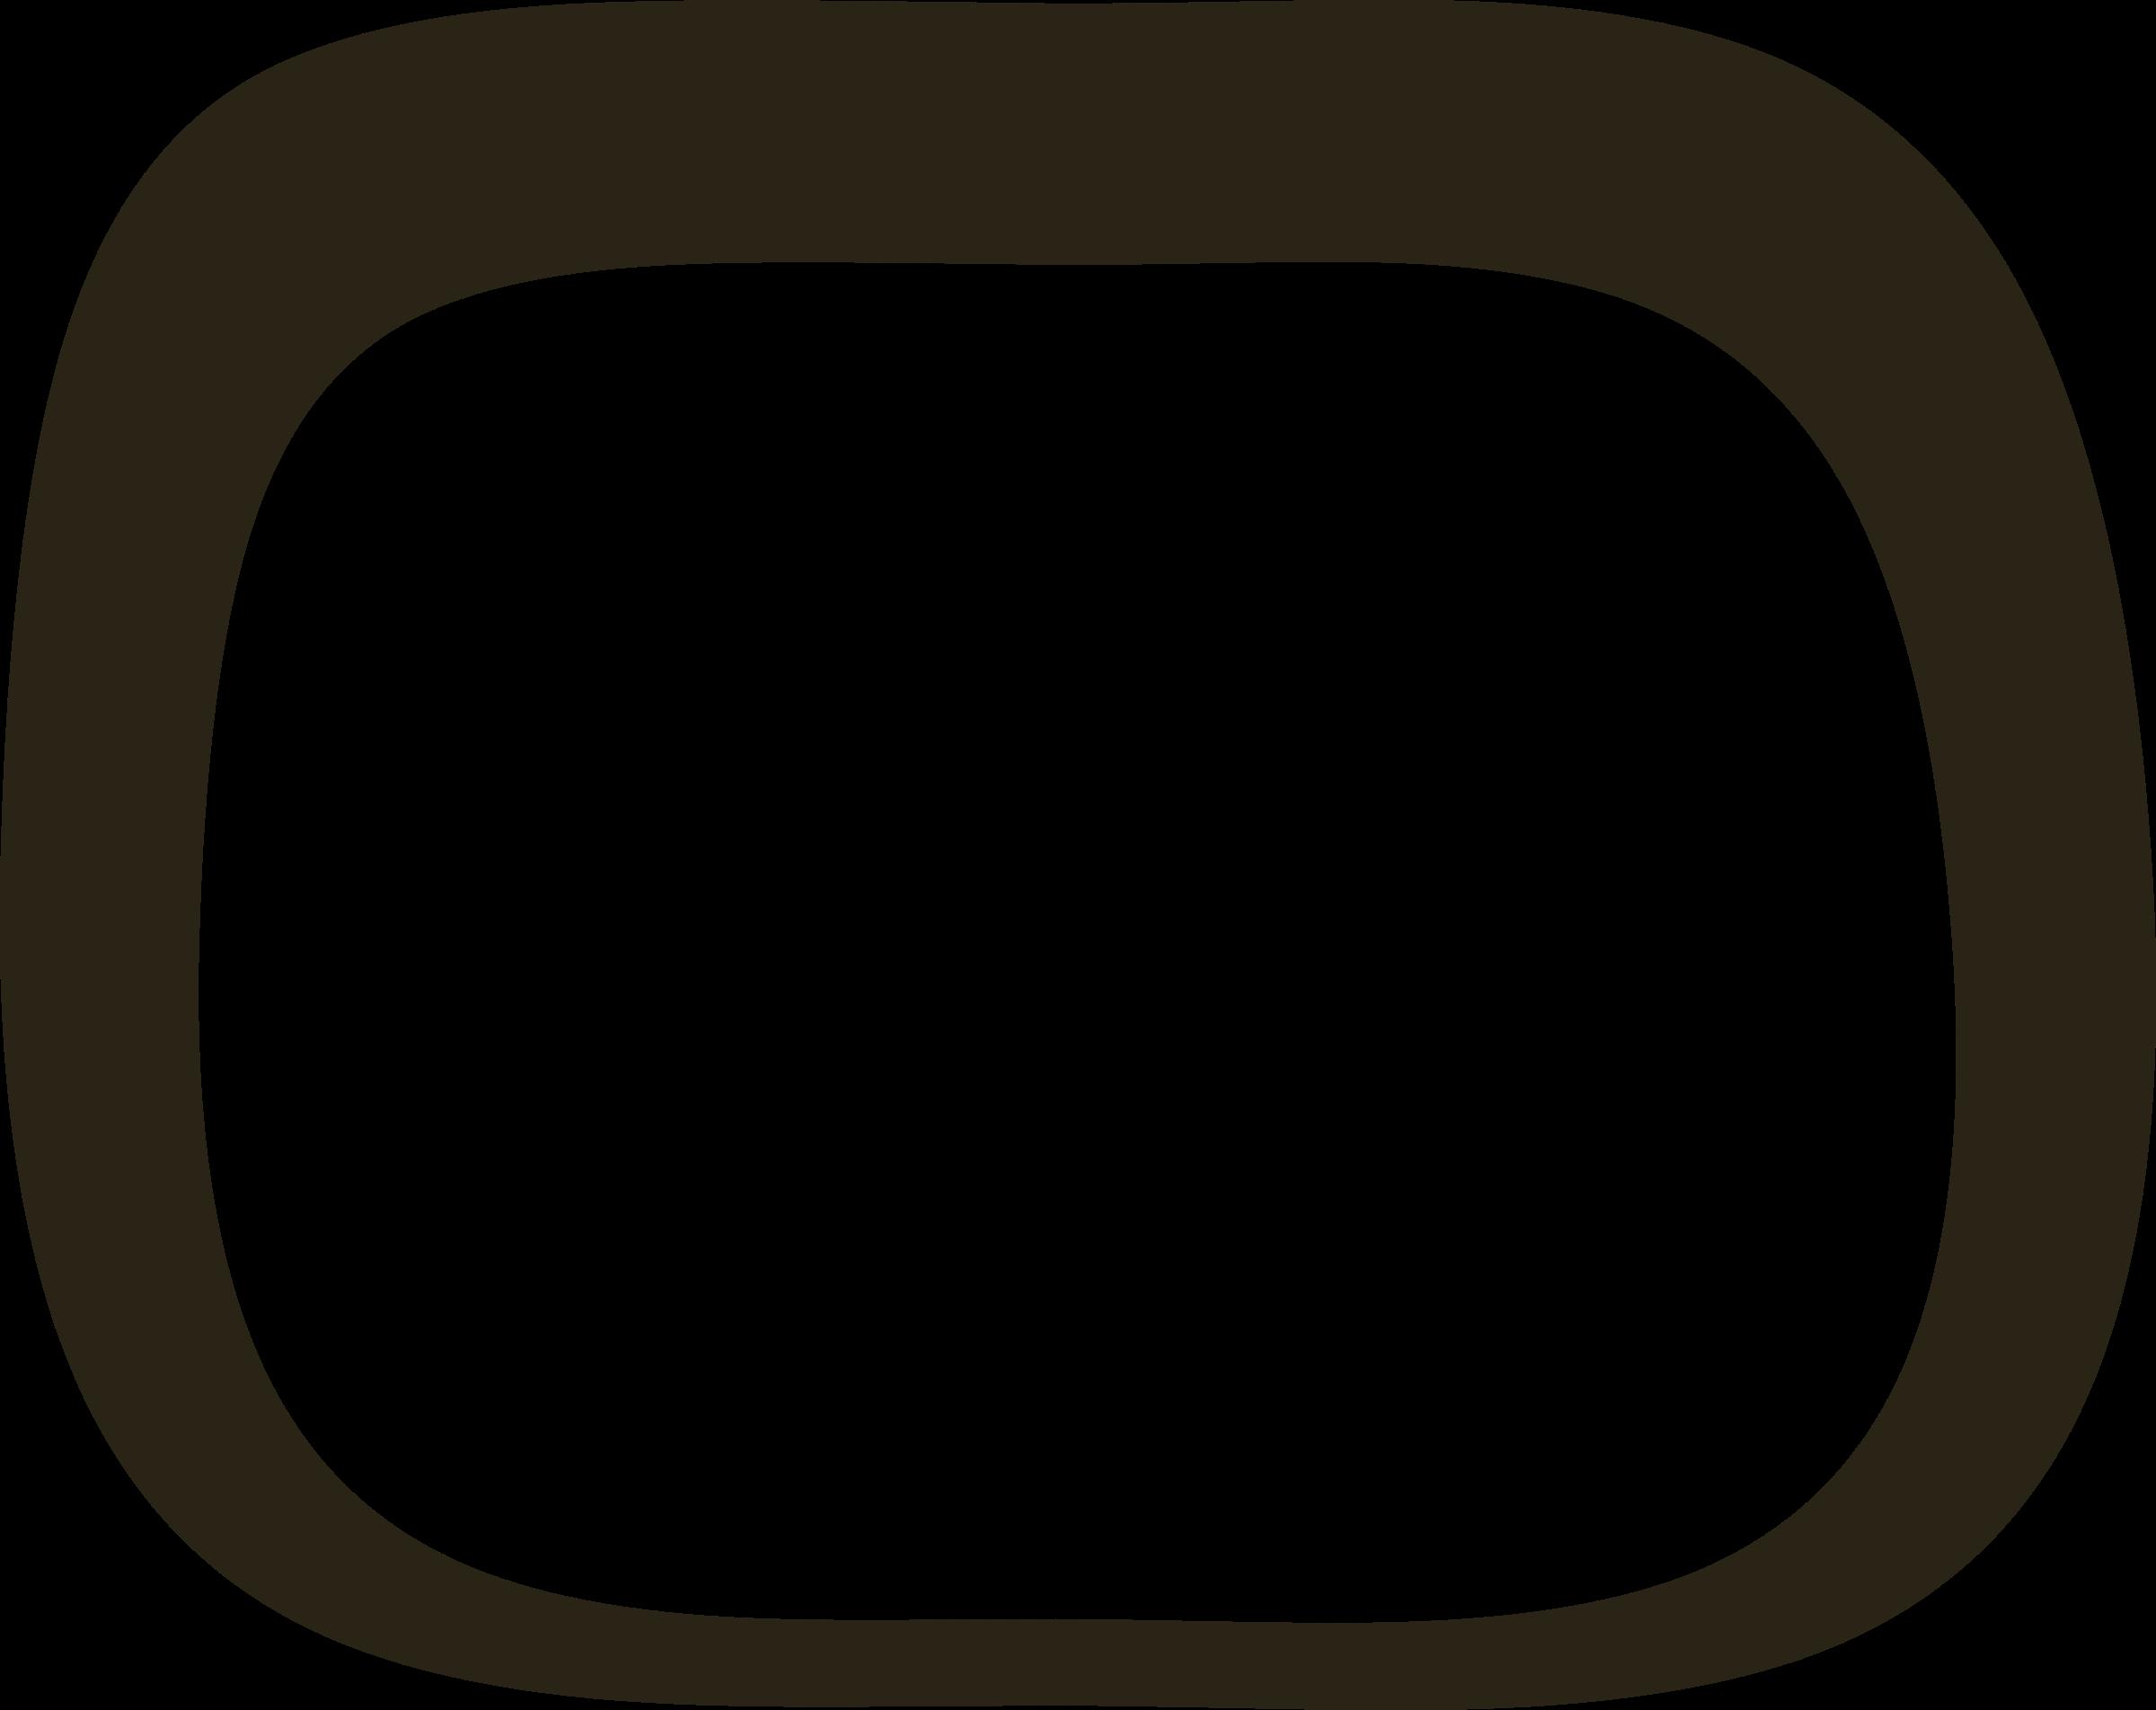 Glitch clipart frame #4